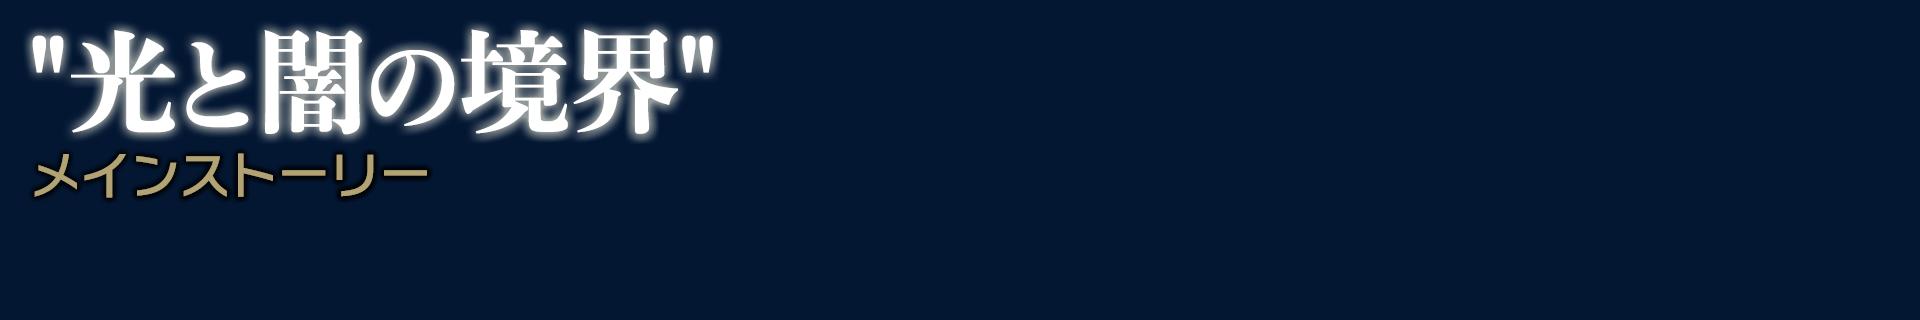 光と闇の境界